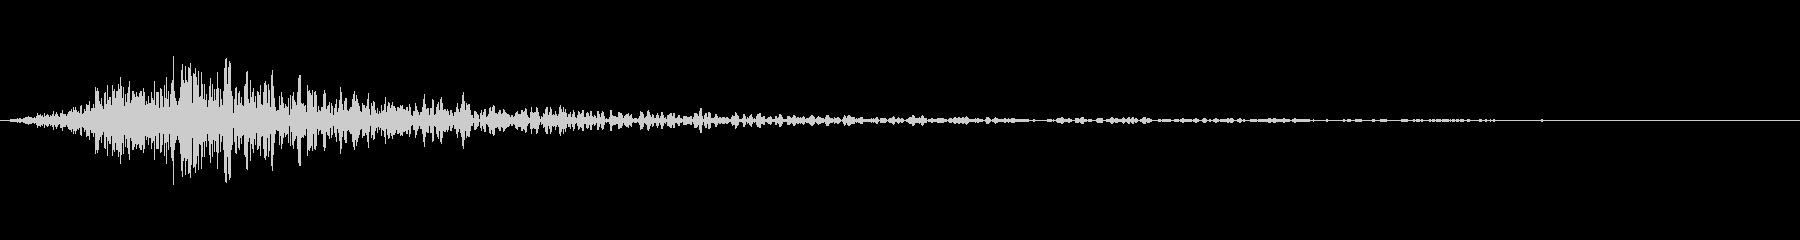 パープルパイプ、エアブラストパンホ...の未再生の波形